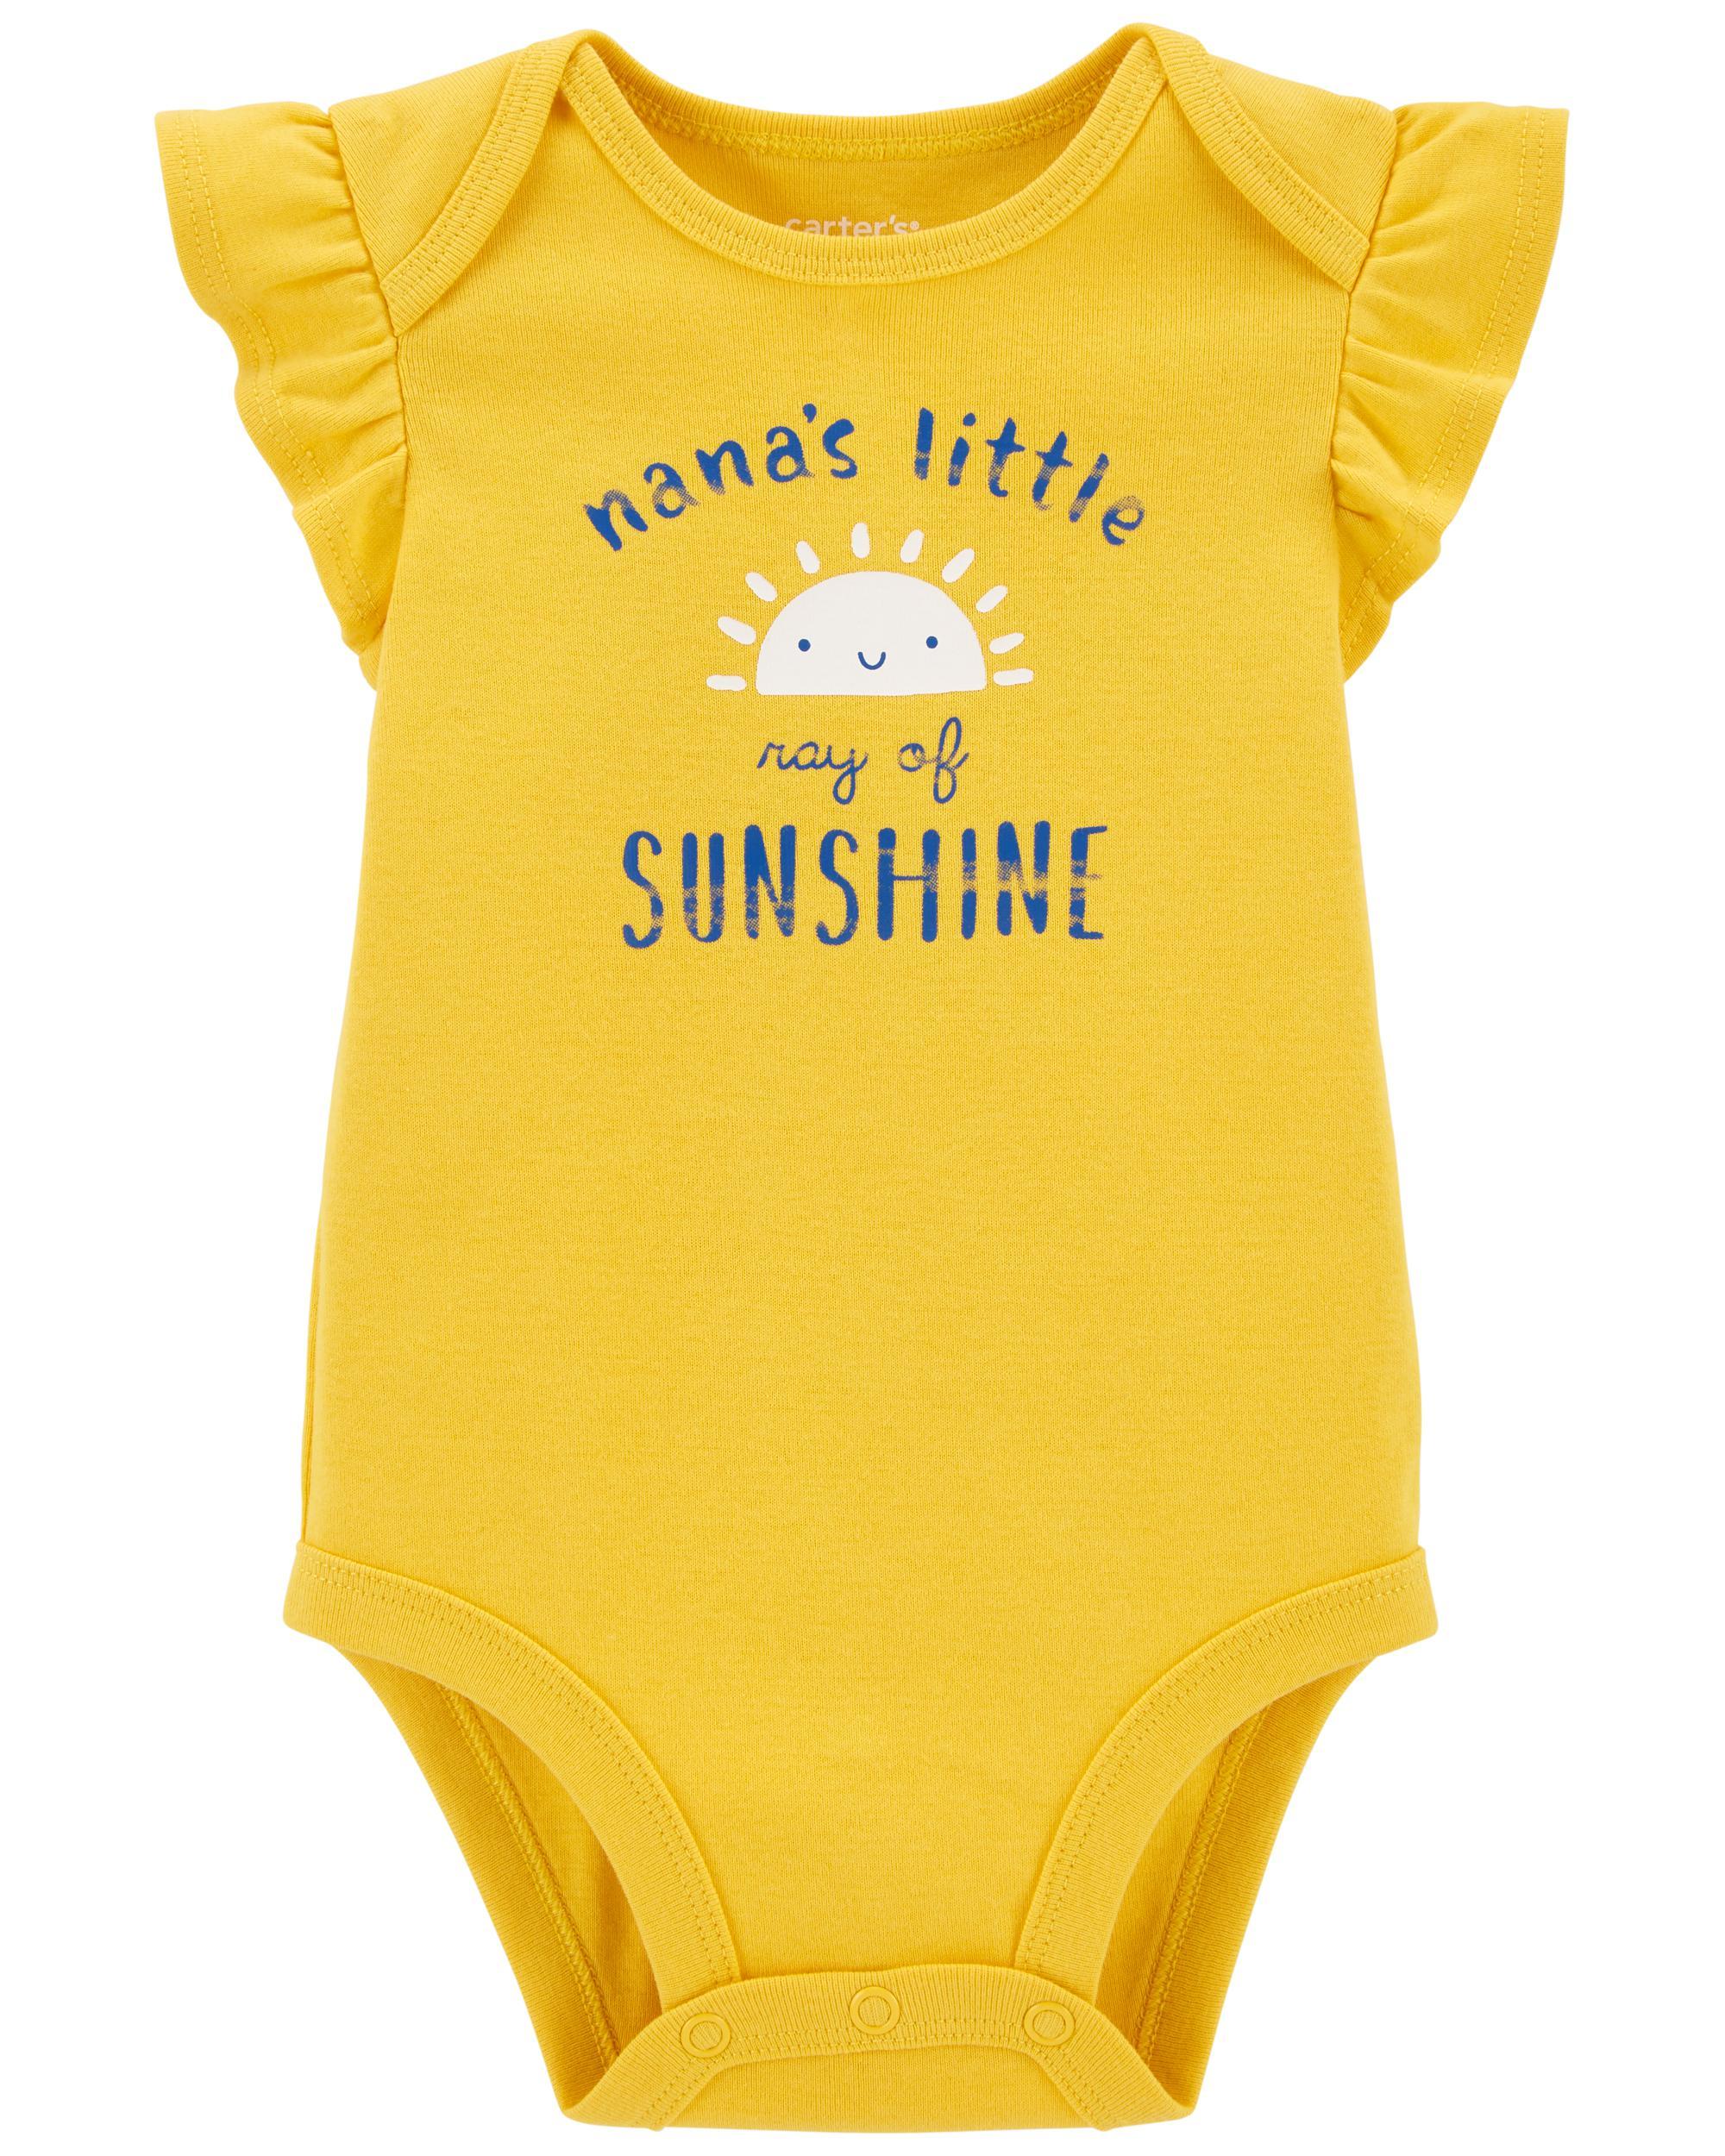 Oshkoshbgosh Nanas Sunshine Original Bodysuit